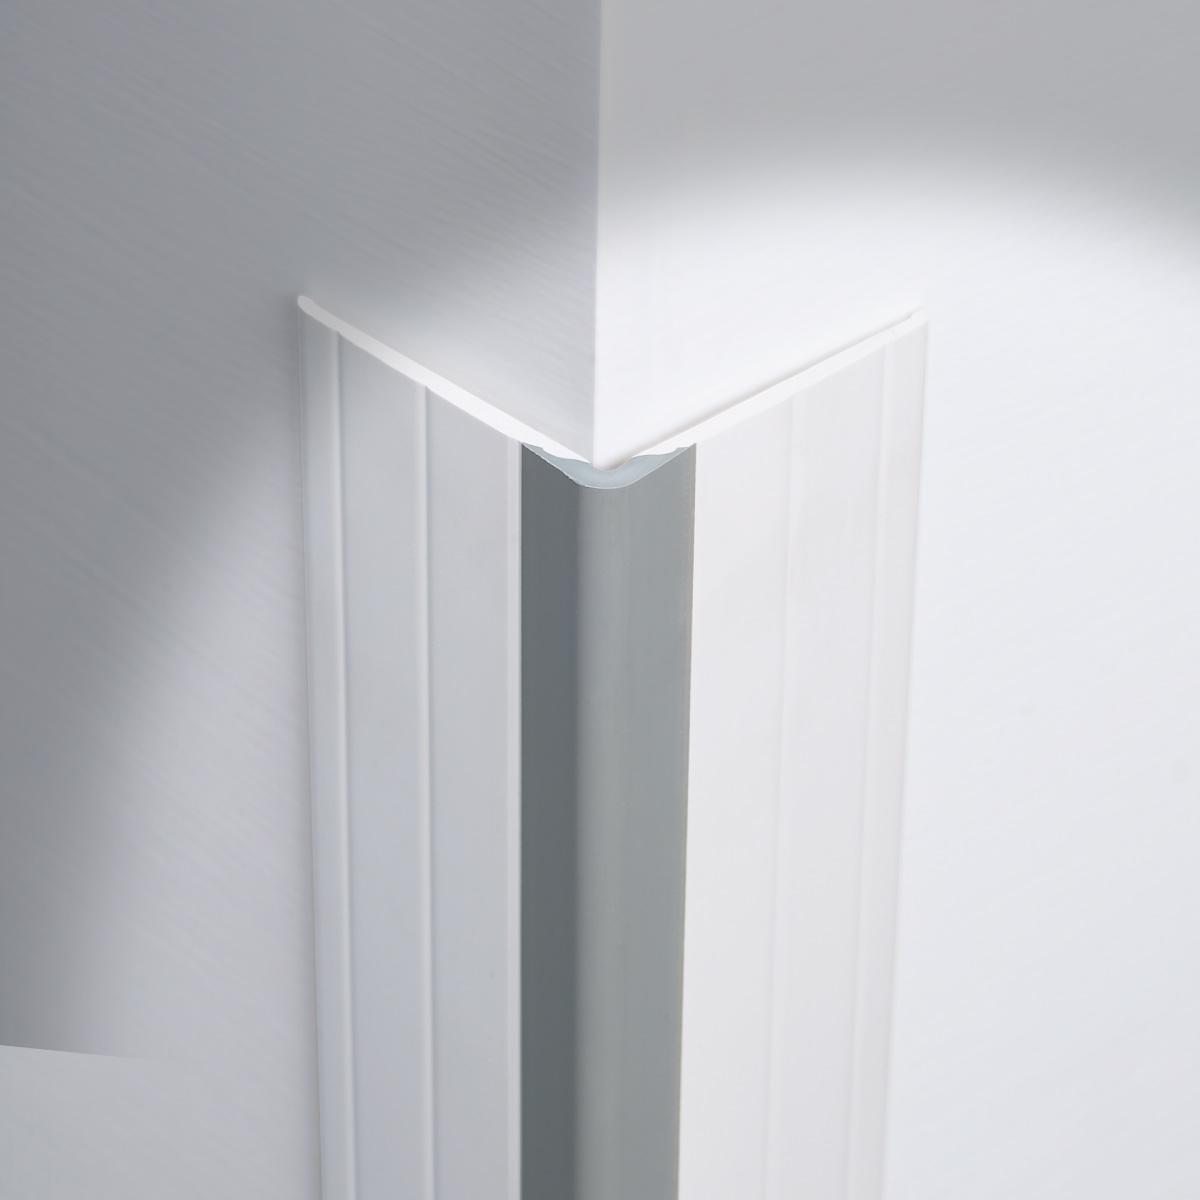 Profili per rivestimenti Wallprotection WA 60 P11 P22 Profilitec